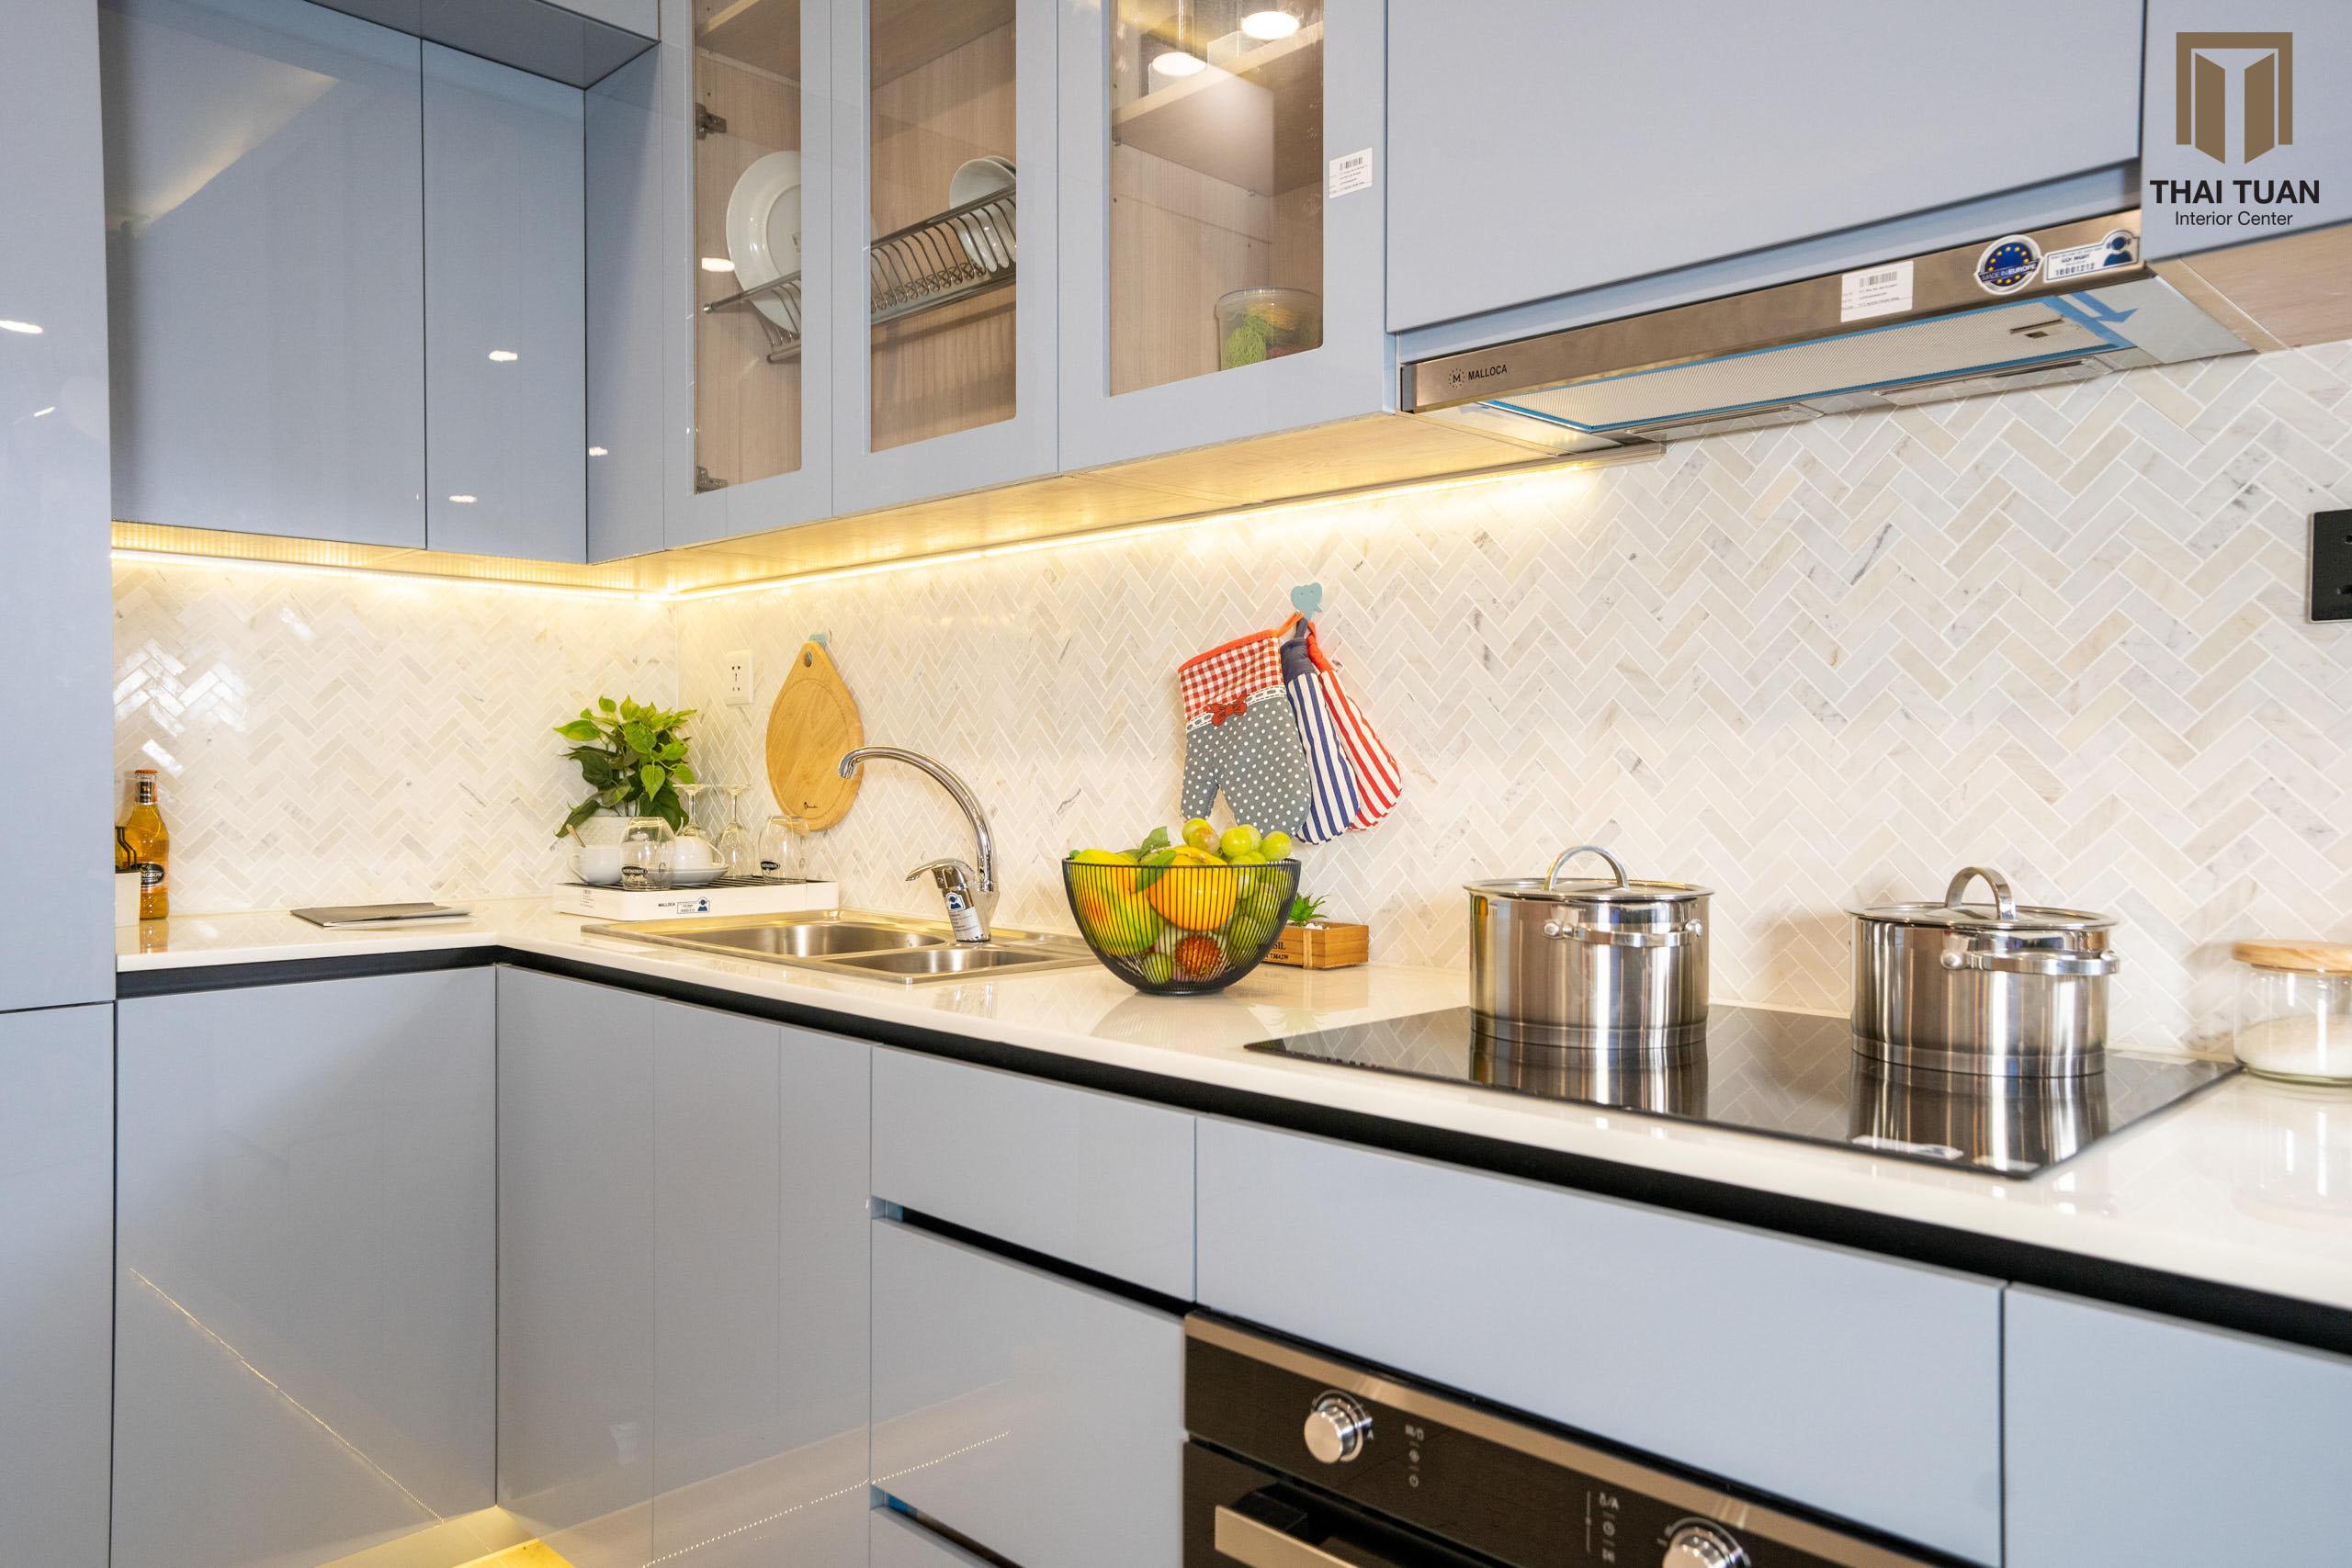 Tone màu xanh dịu mát làm điểm nhấn cho tủ bếp